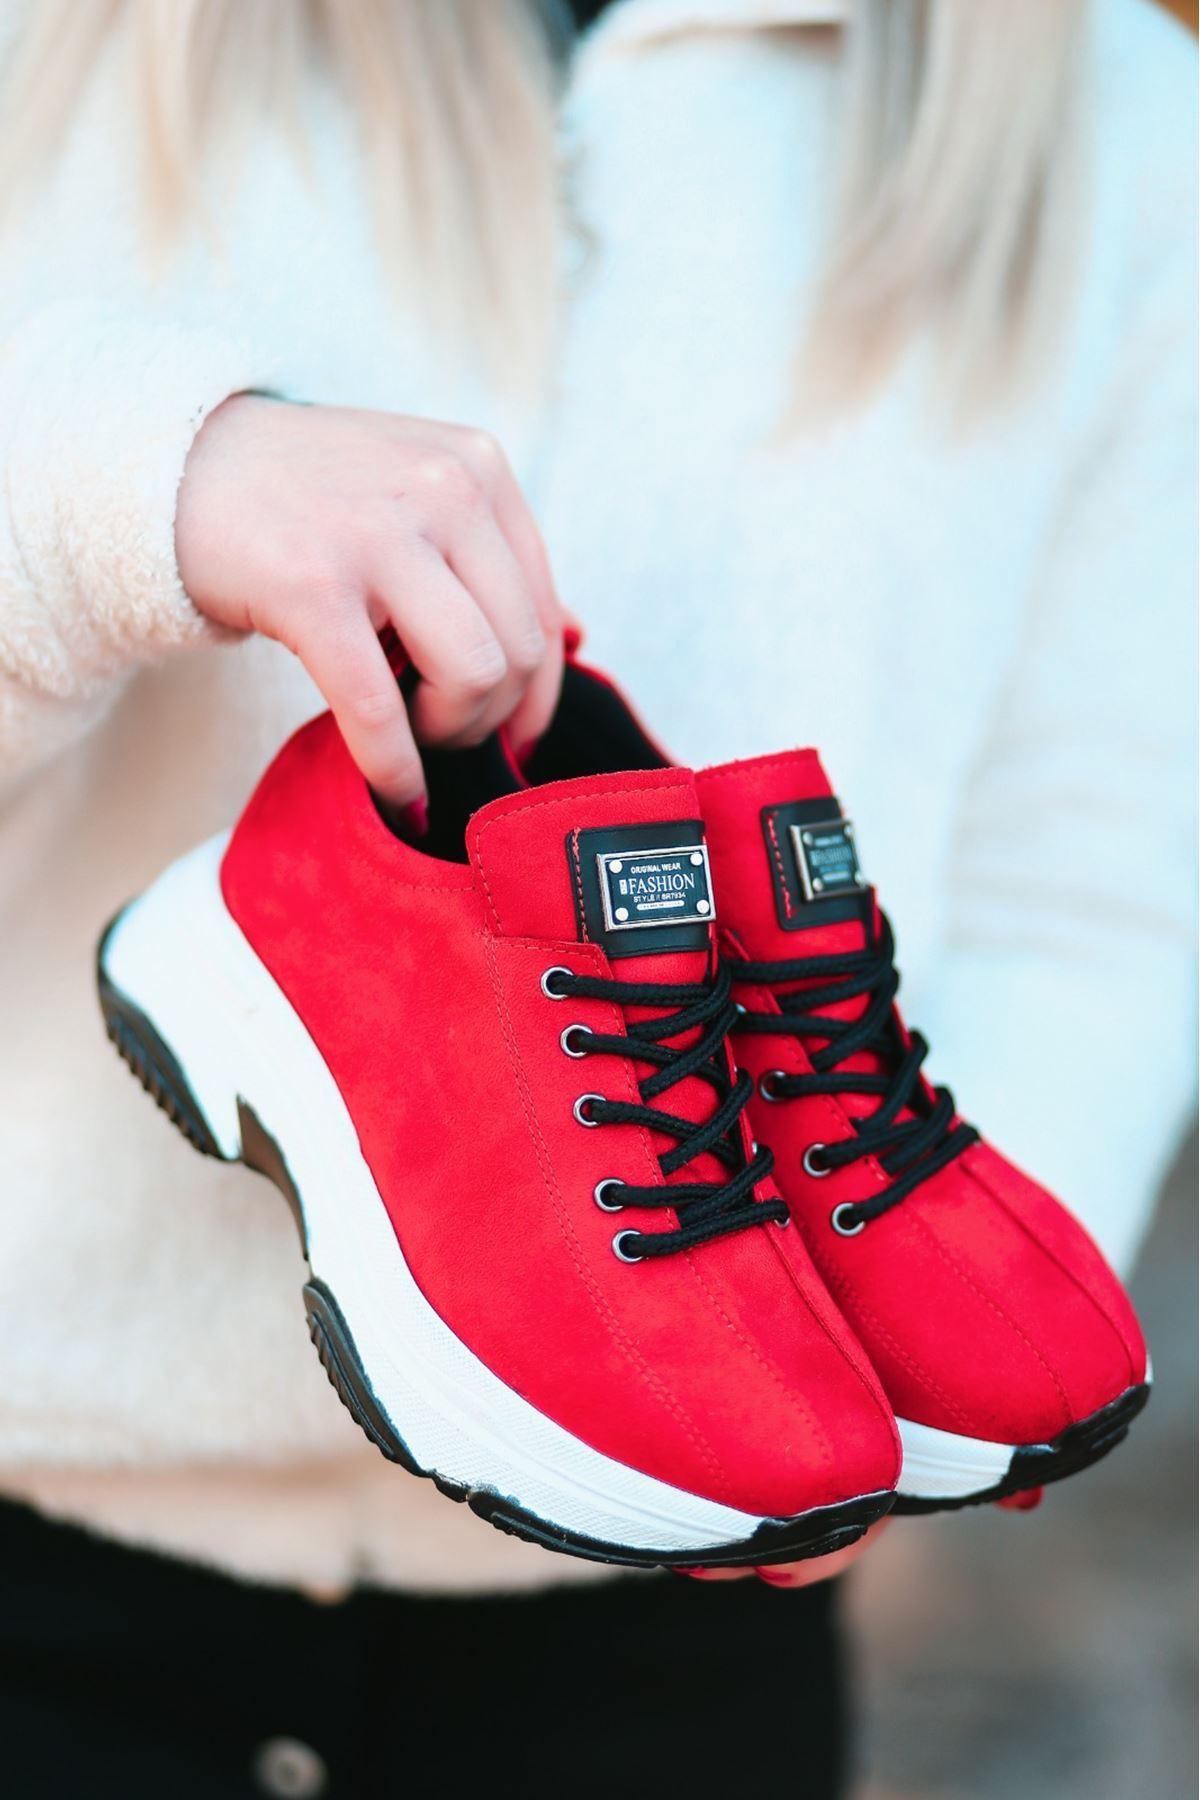 For-501 Mat Deri Bağcıklı Kadın Spor Ayakkabı Kırmızı